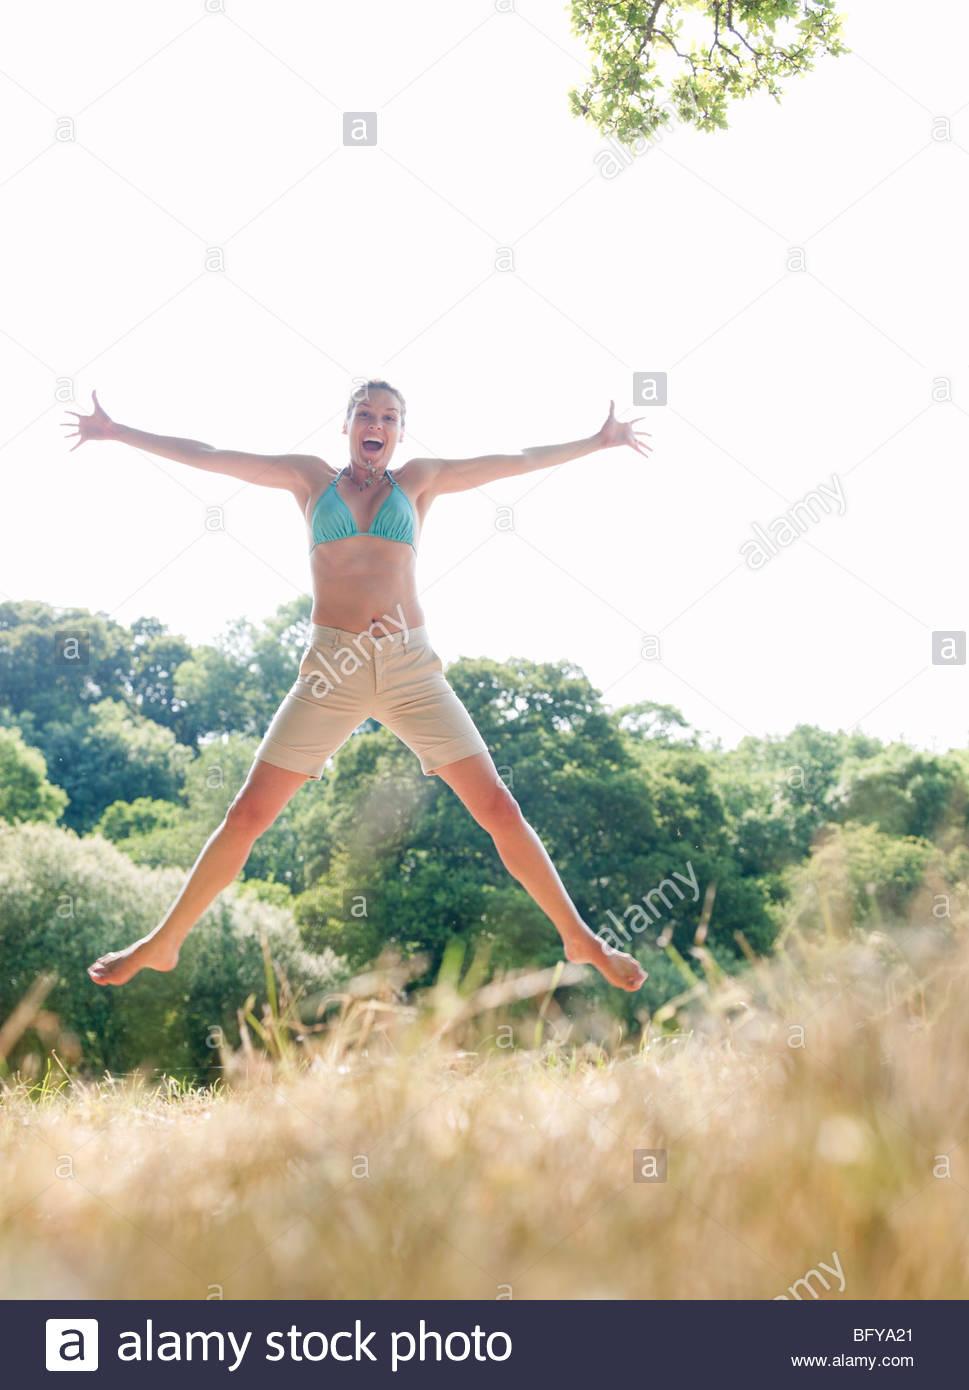 Woman in bikini jumping in country field - Stock Image